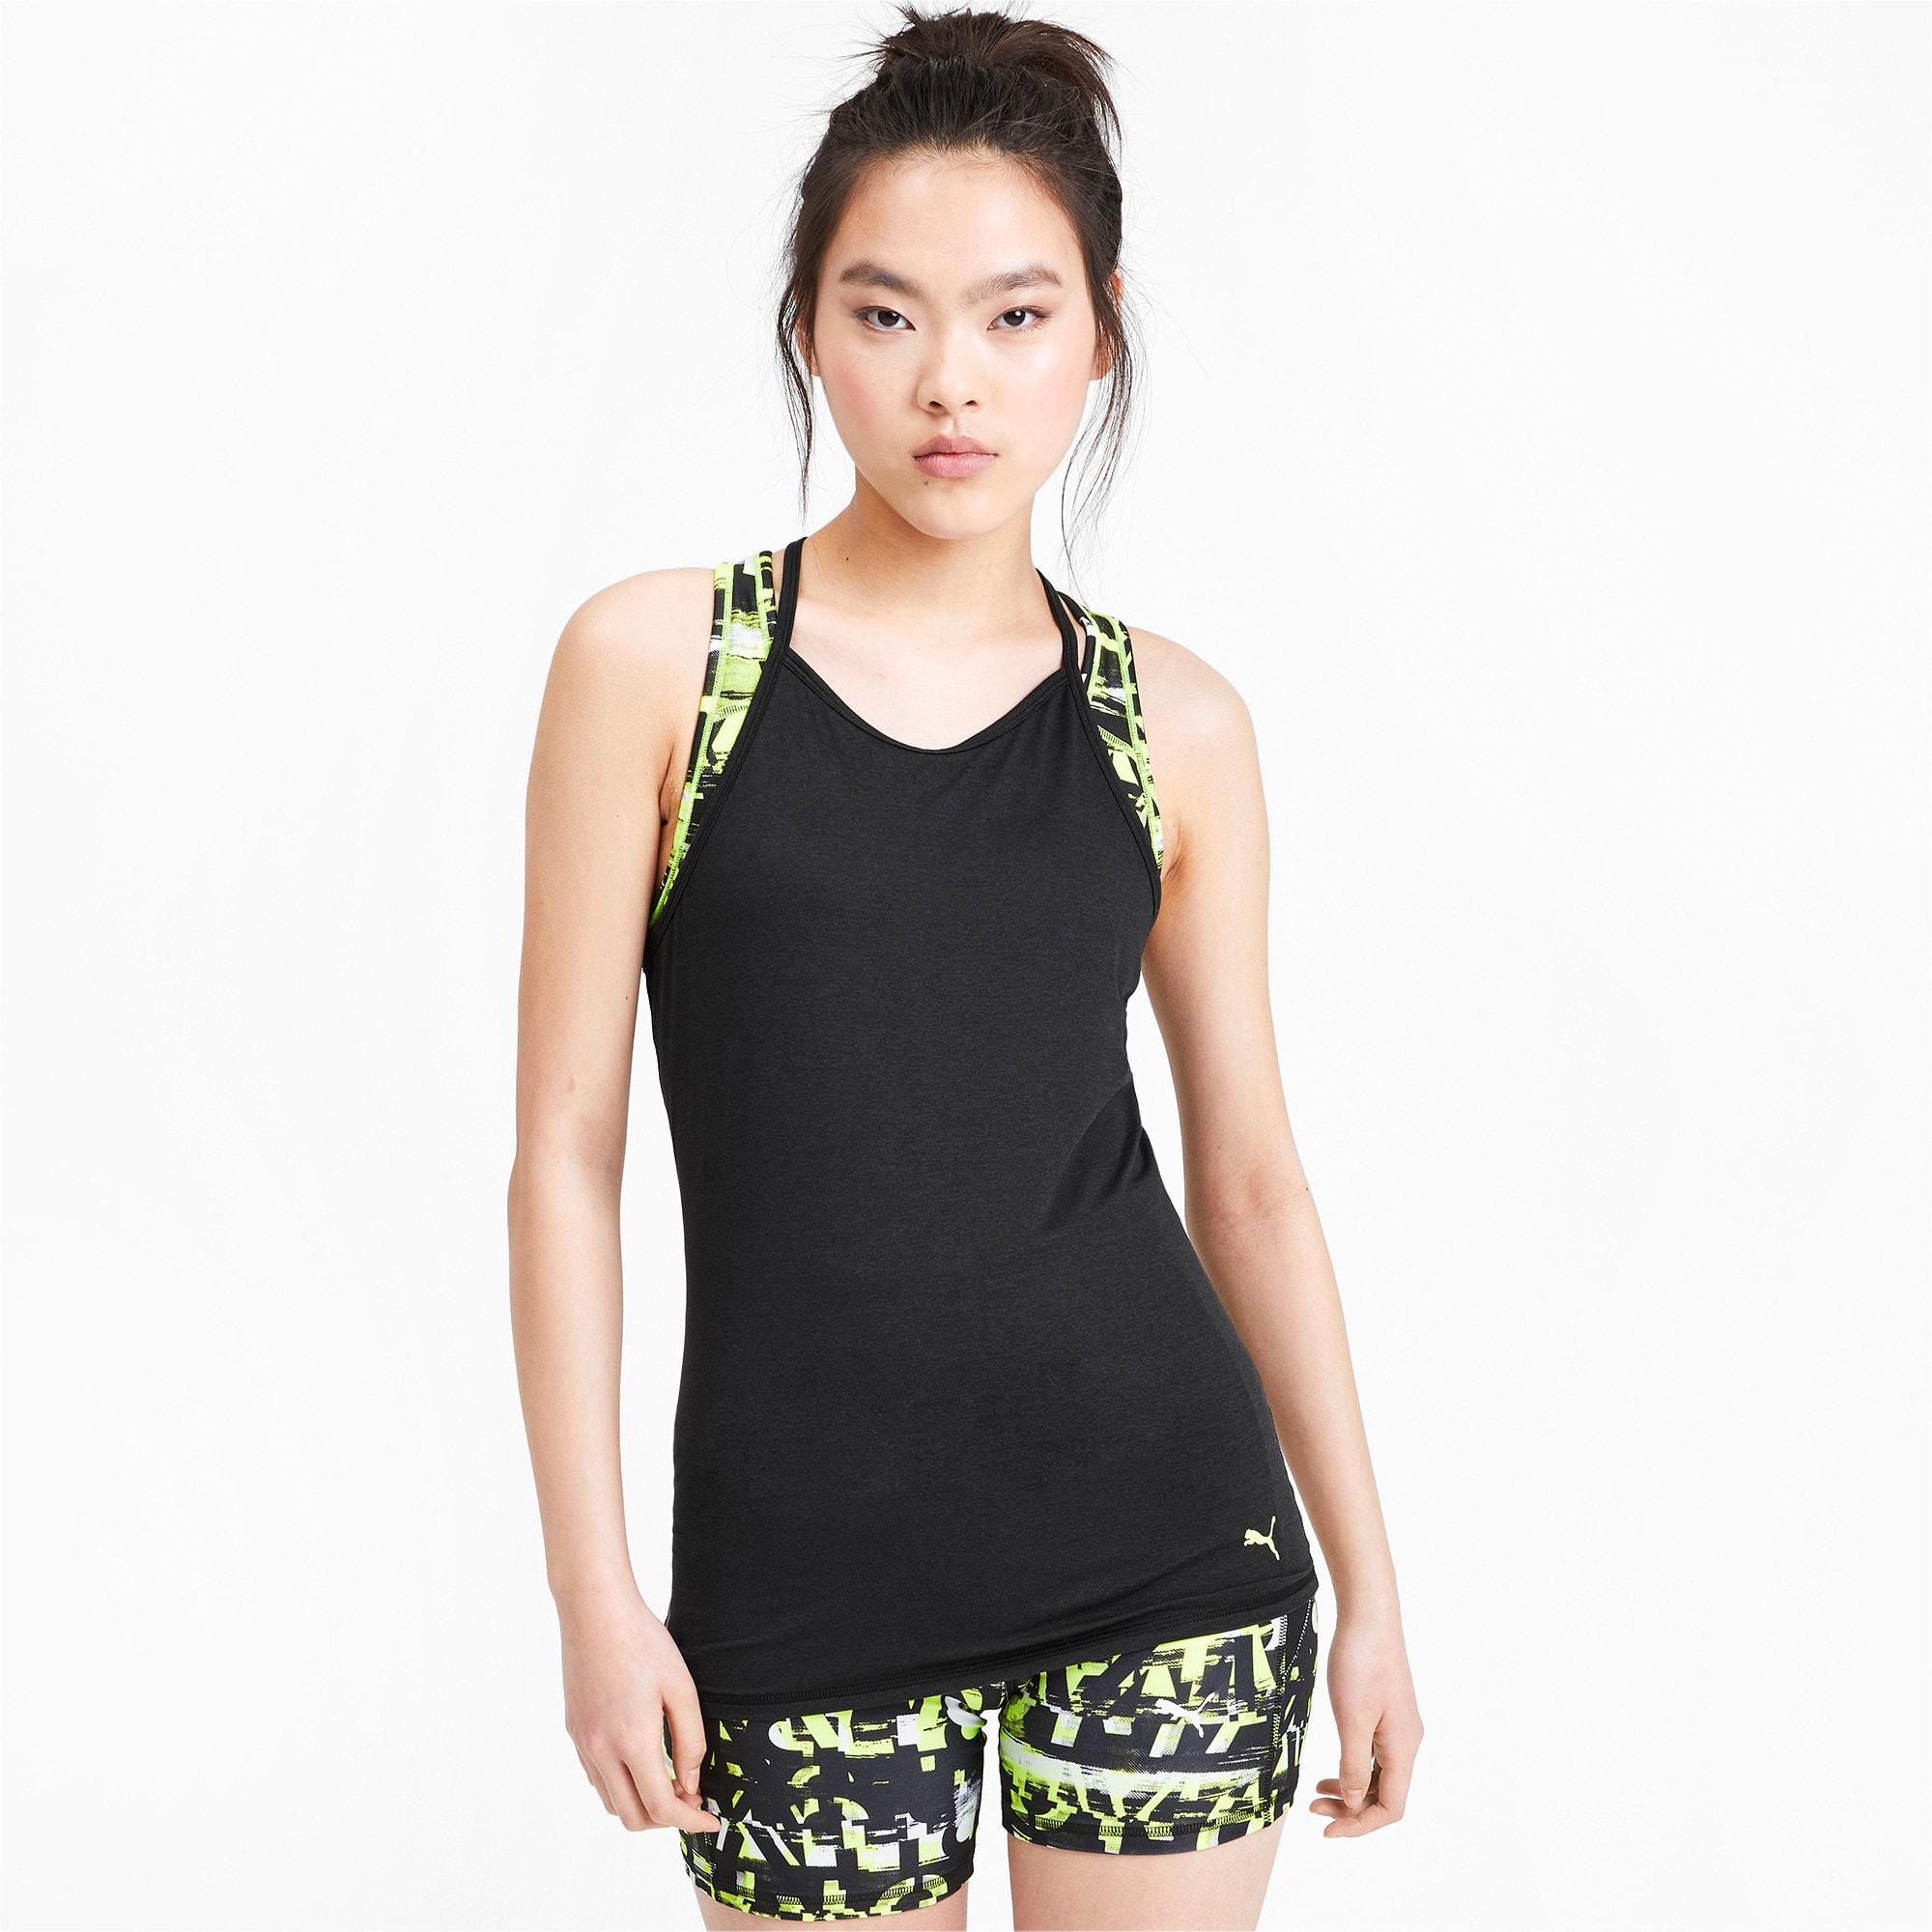 Miniatura 1 de Camiseta sin mangas Studio con espalda deportiva para mujer, Puma Black Heather, mediano